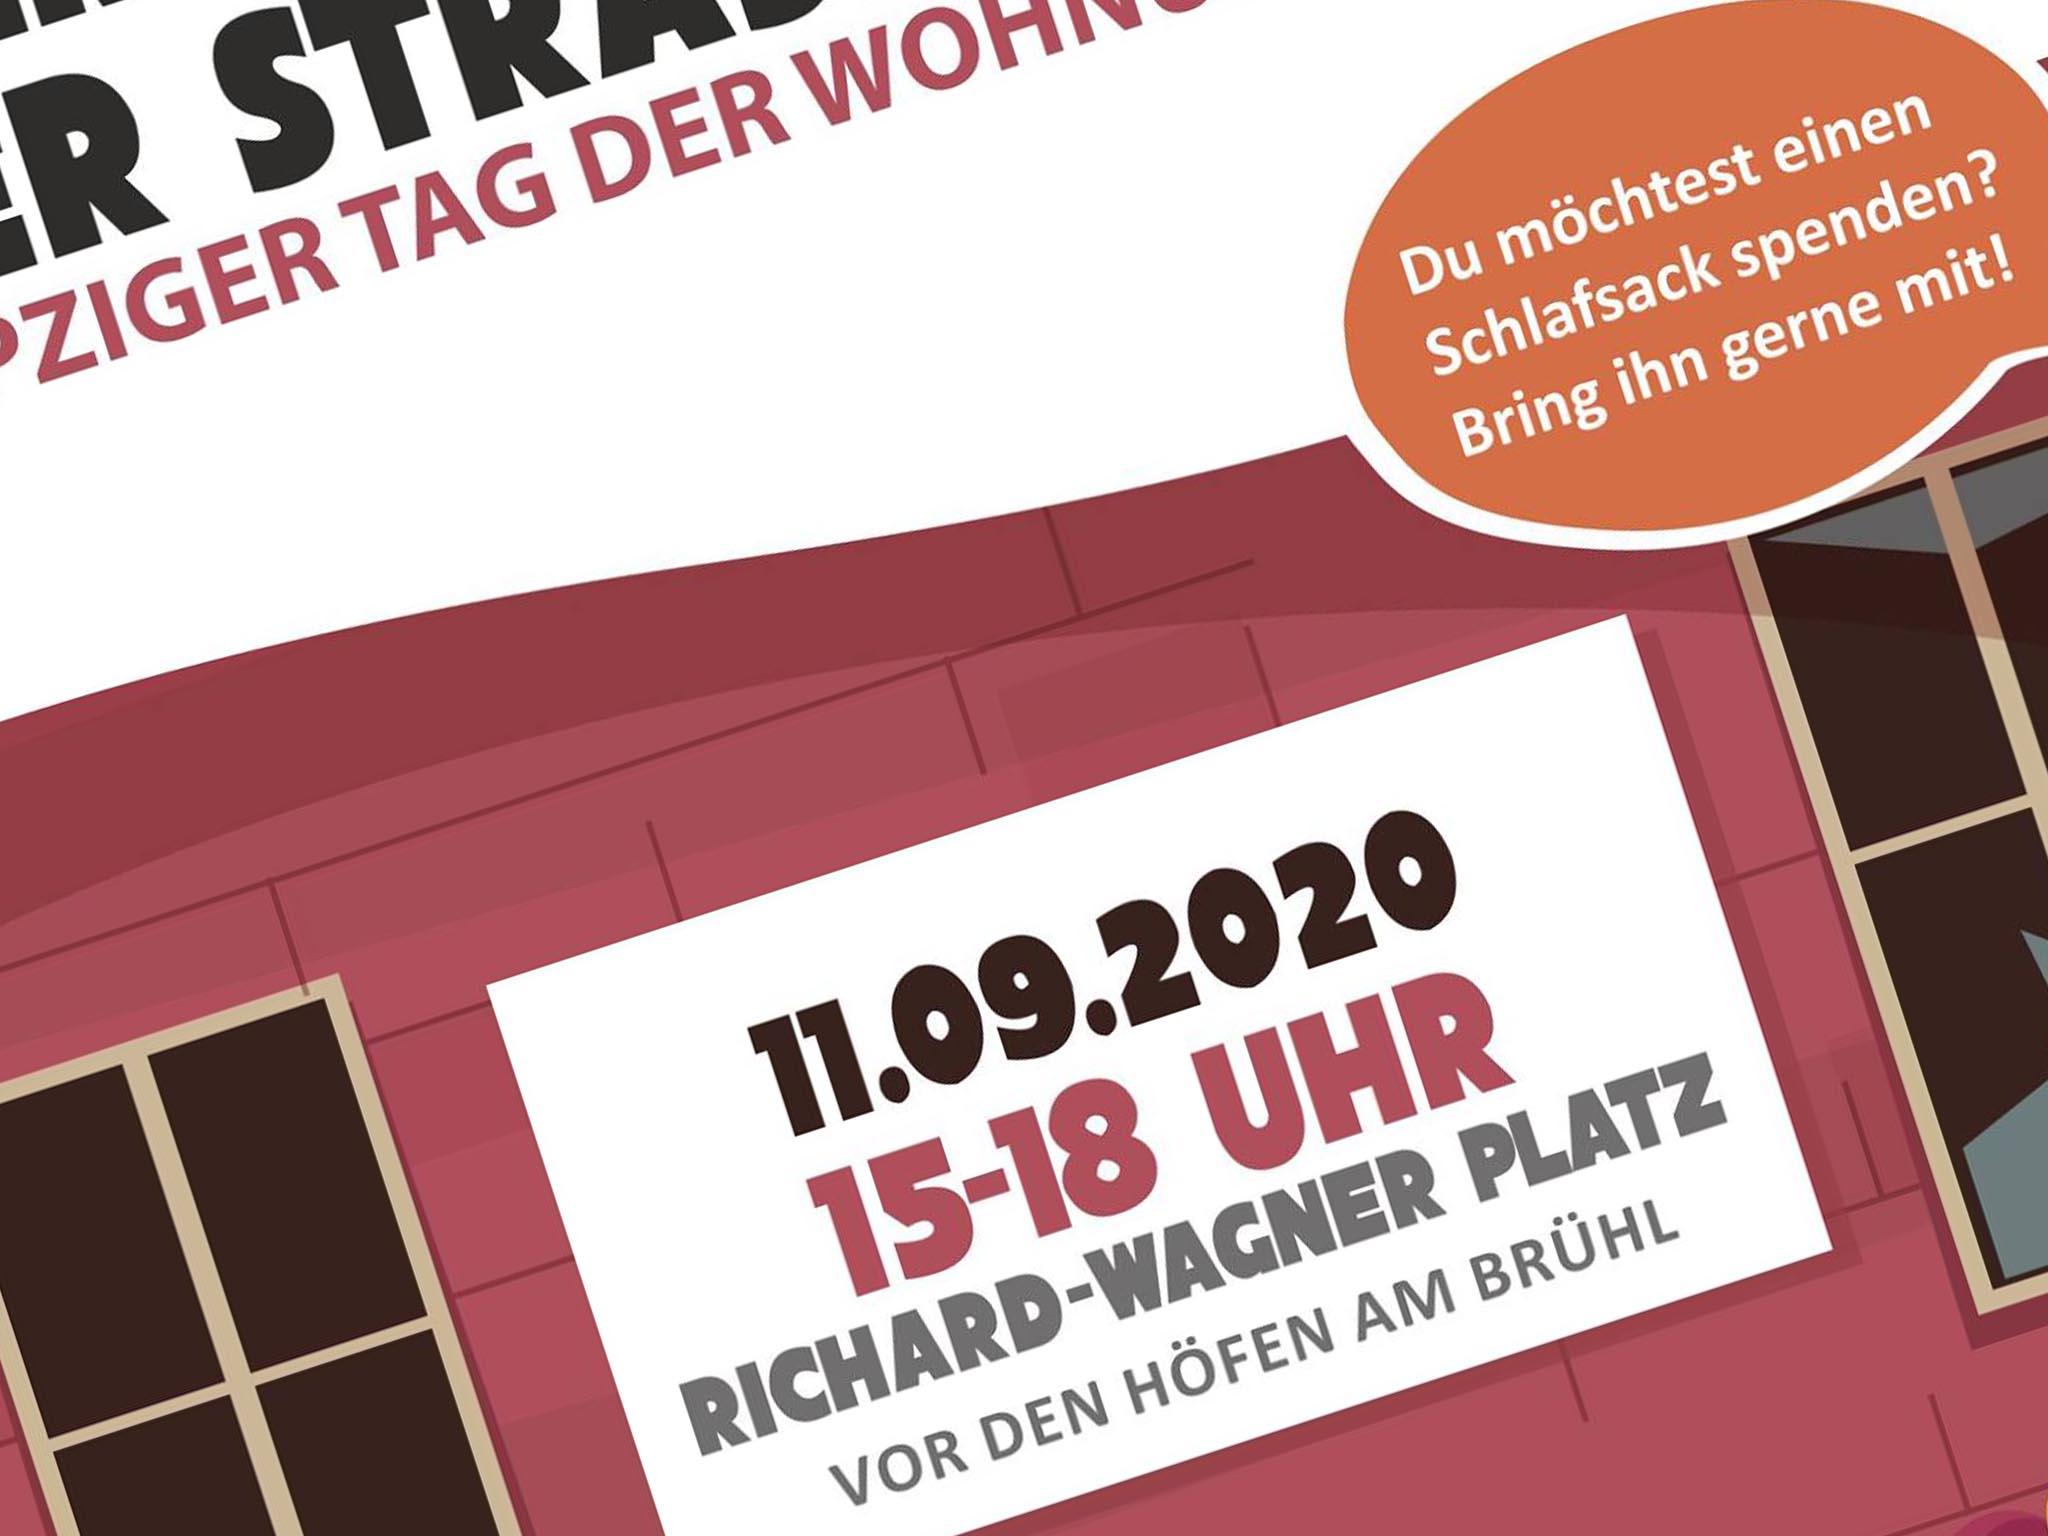 Tag der Wohnungslosen 2020 - Leipzig